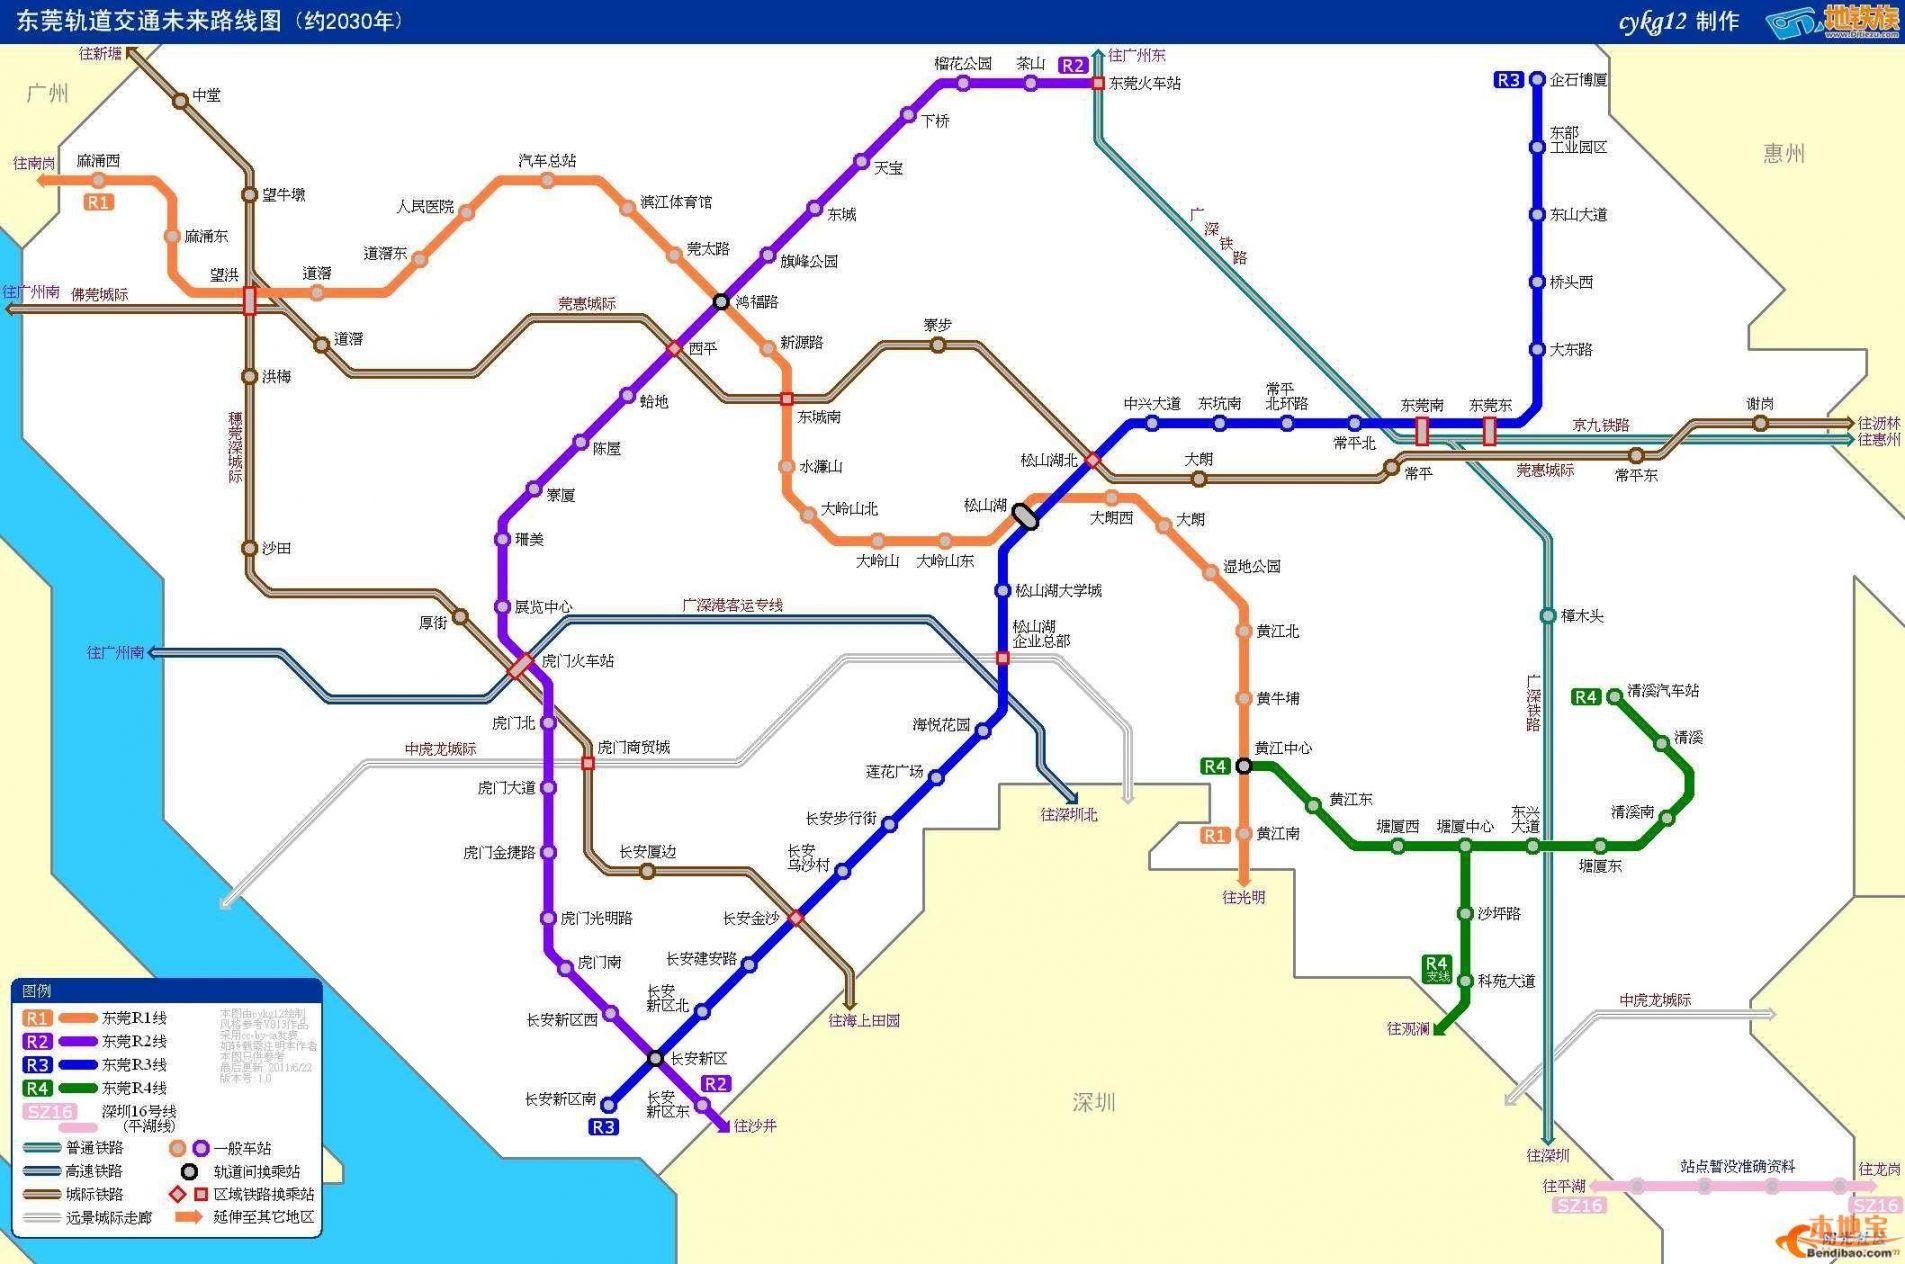 东莞地铁2号线最新指南 开通时间 票价 线路图 站点 深莞对接图片